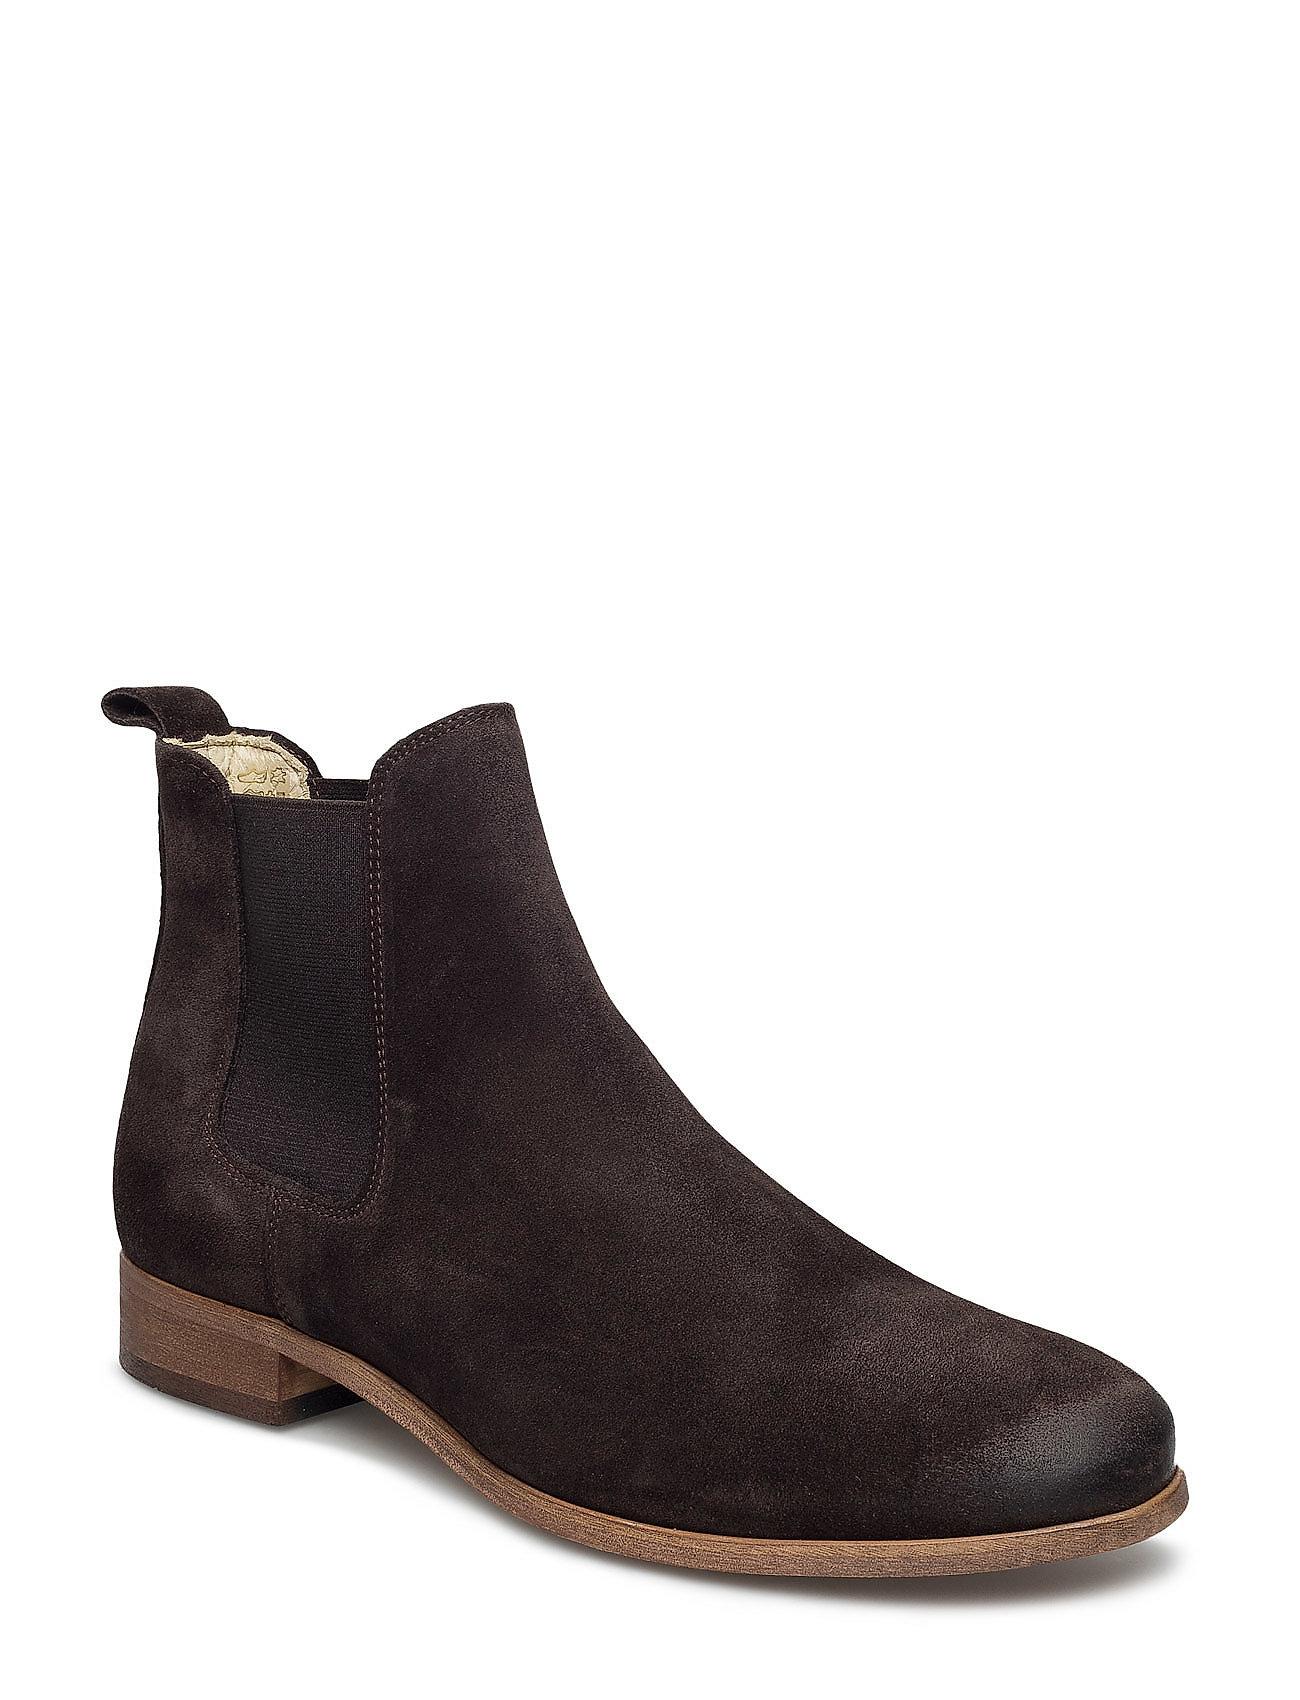 Stb1055 Shoe The Bear Støvler til Mænd i Sort